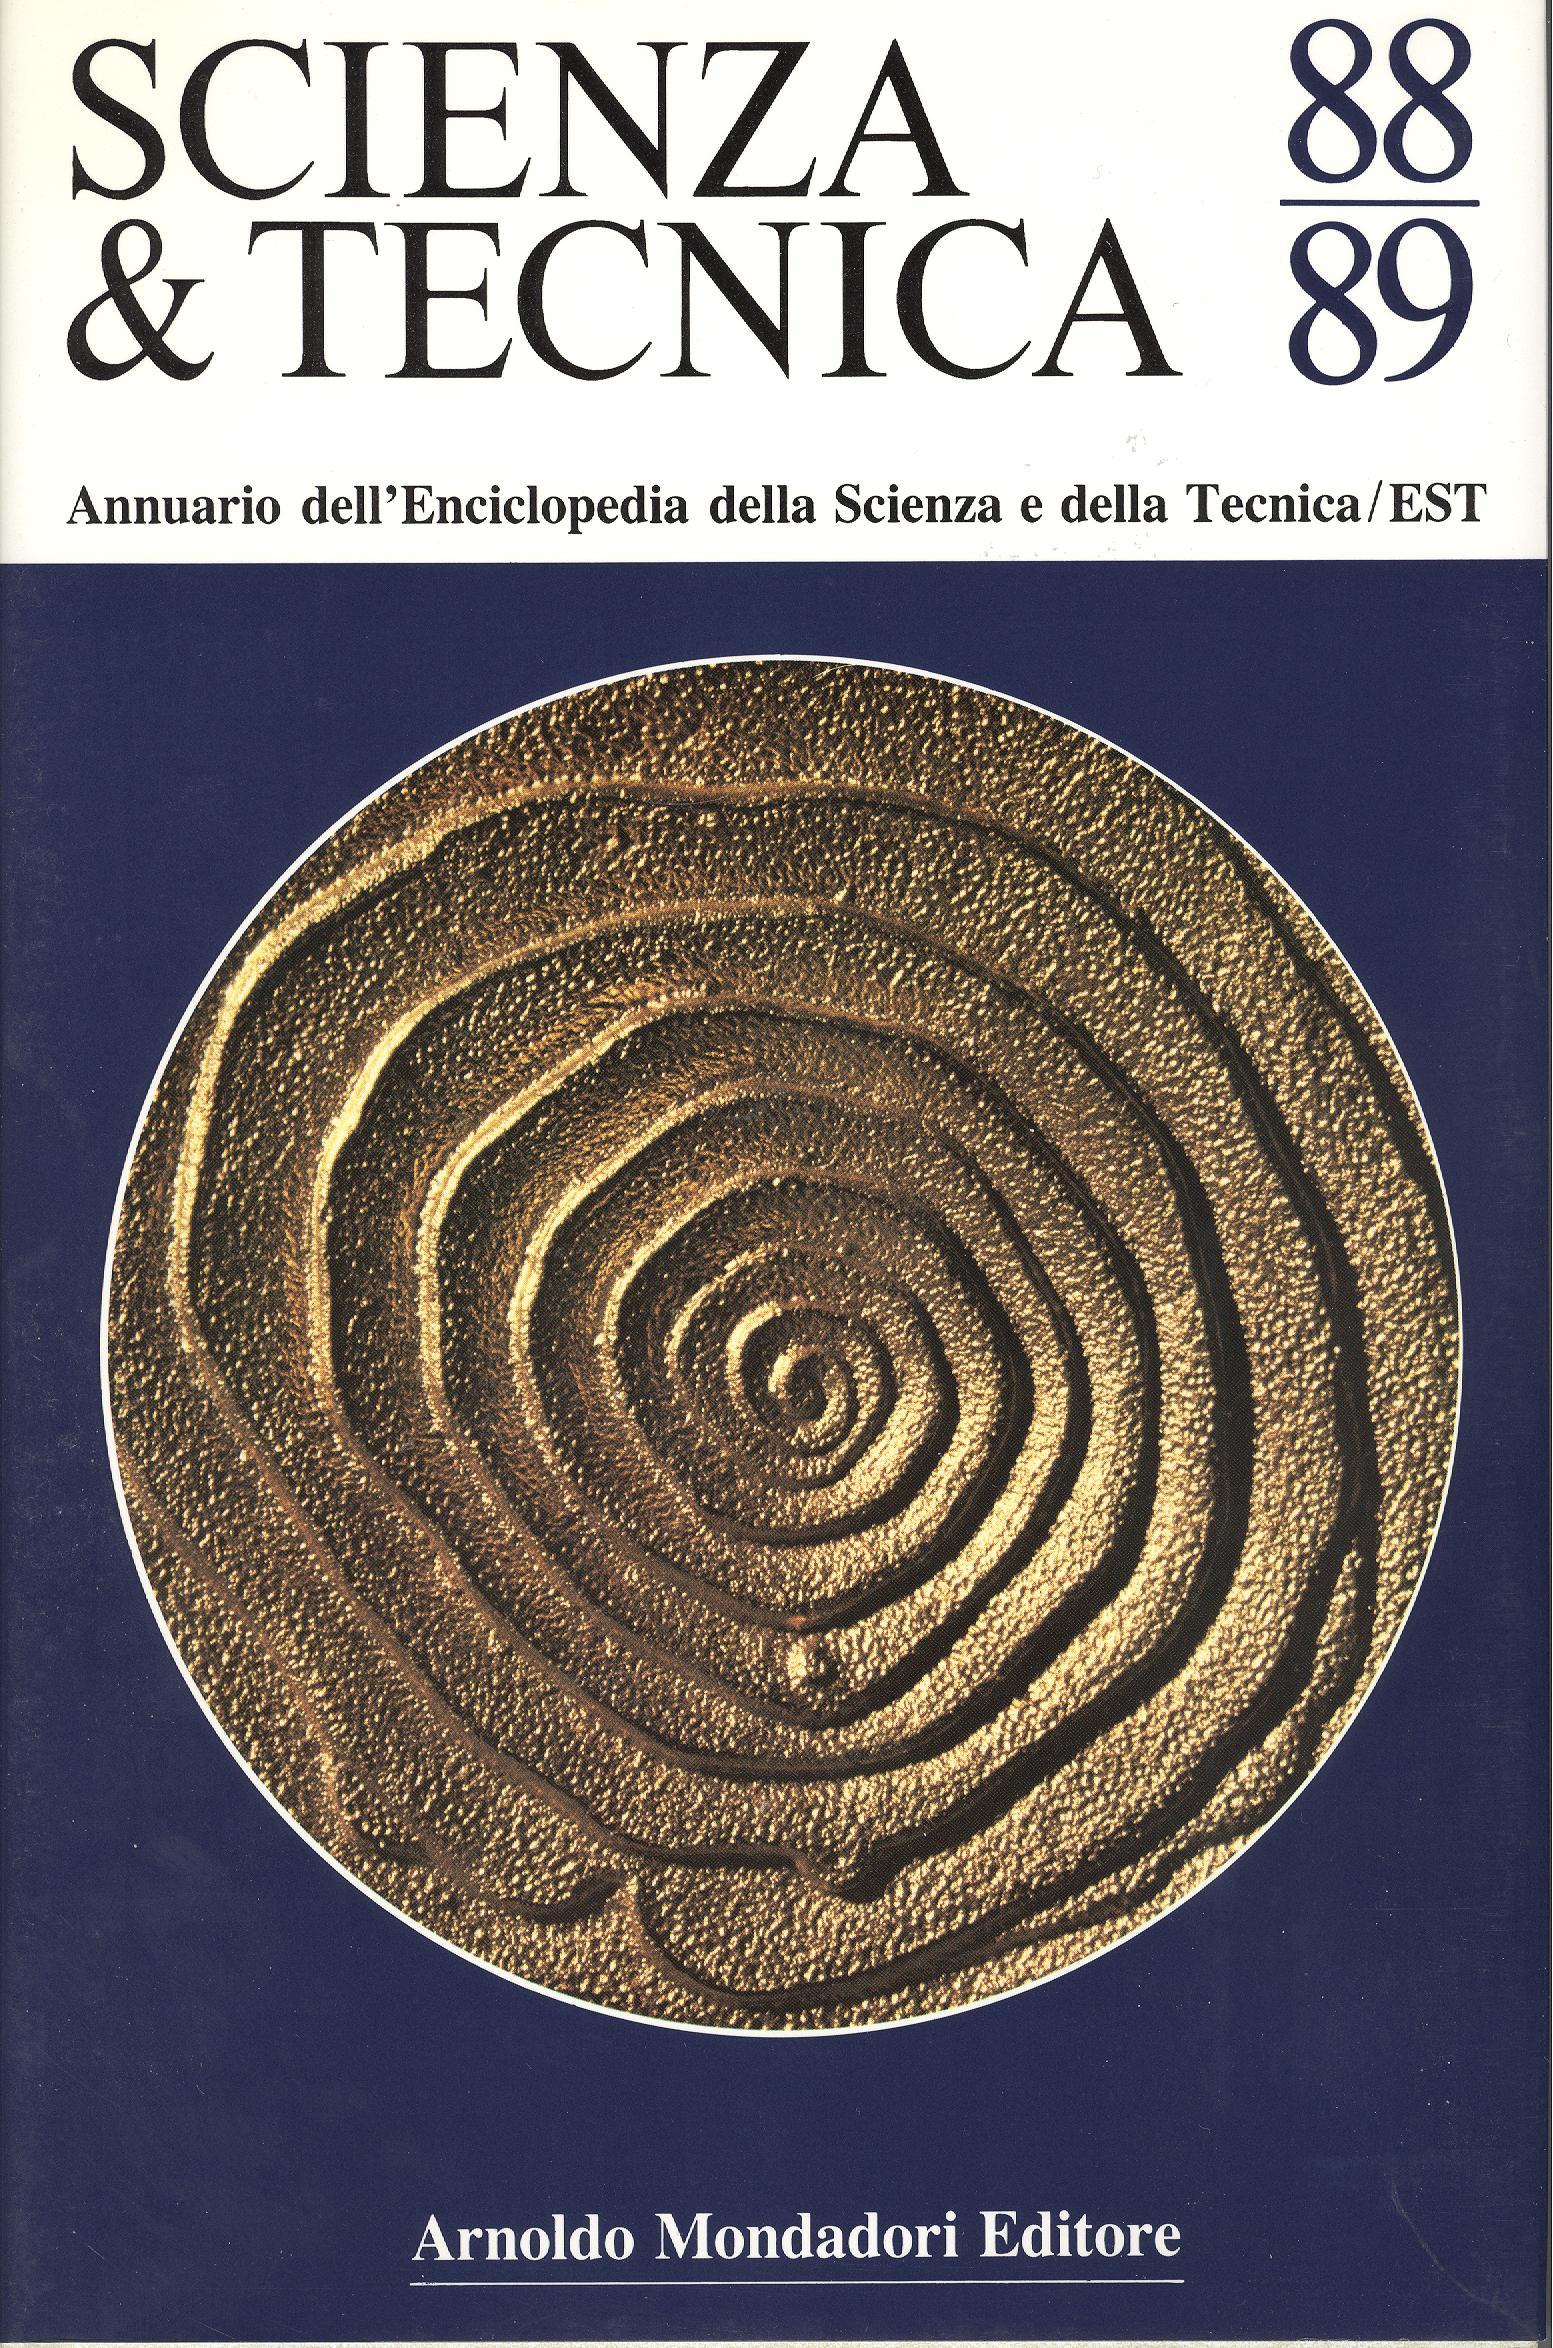 Scienza & tecnica 88/89